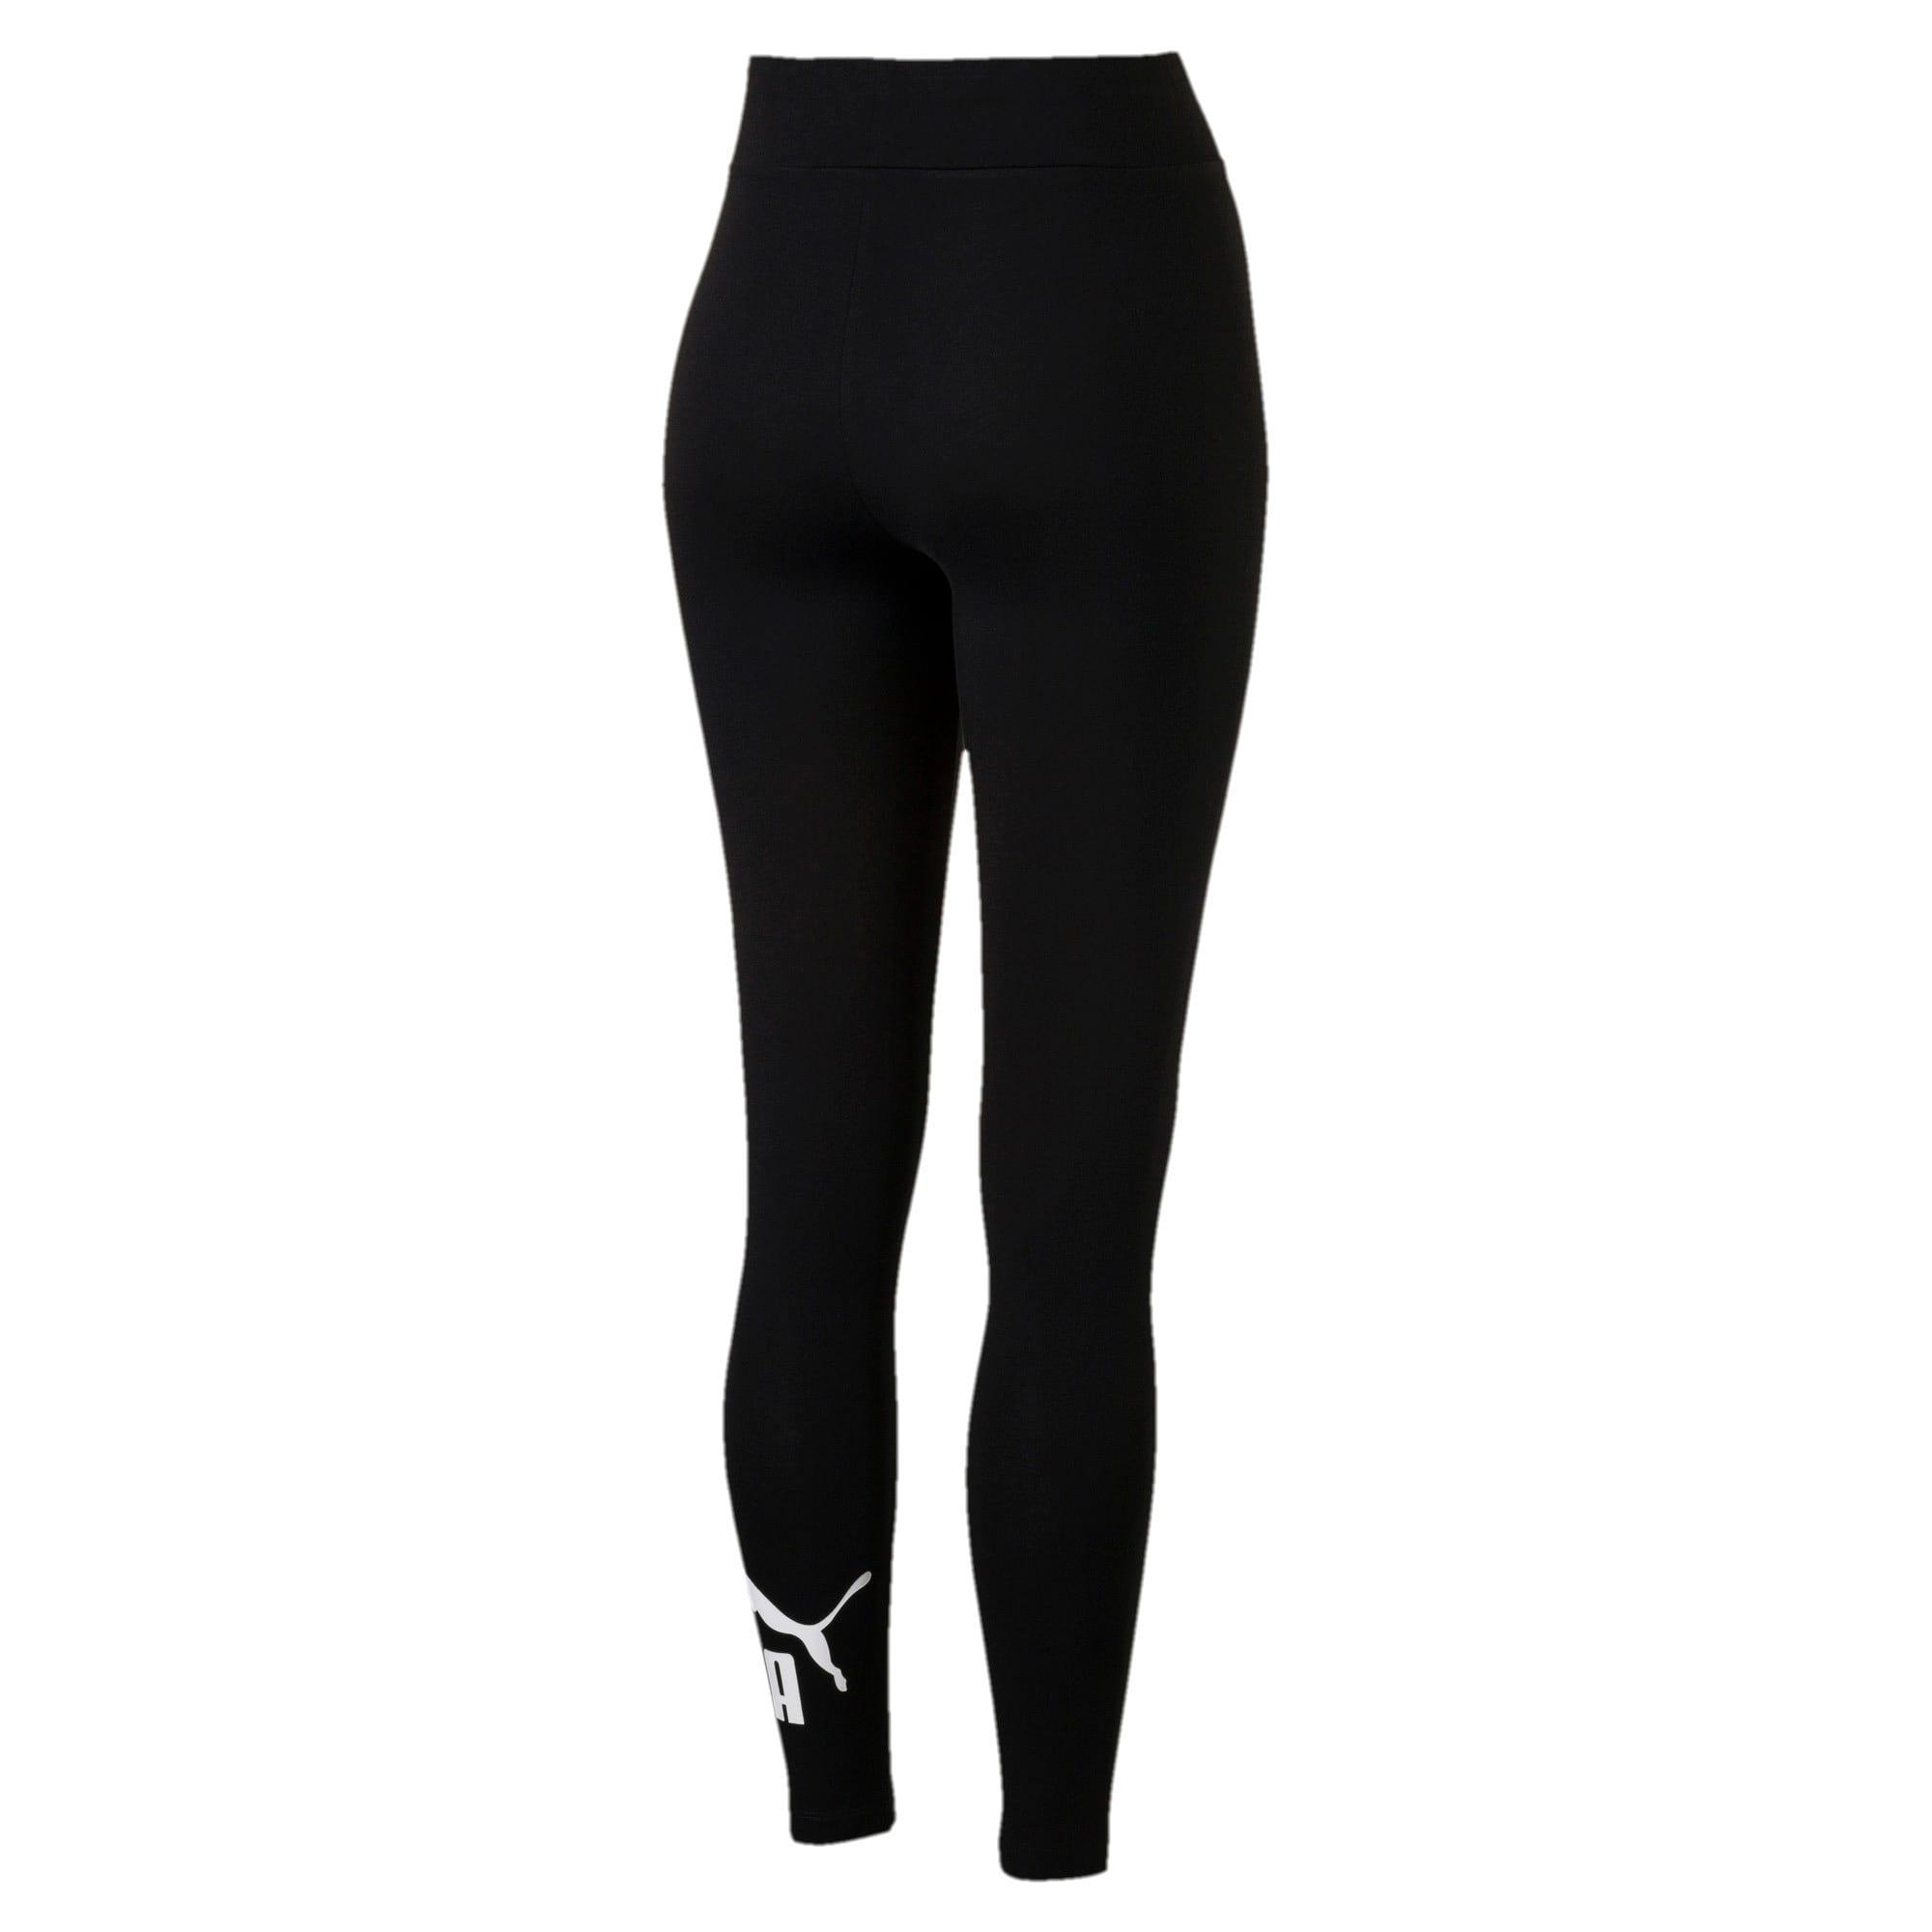 Thumbnail 5 of Women's Essentials Logo Leggings, Cotton Black, medium